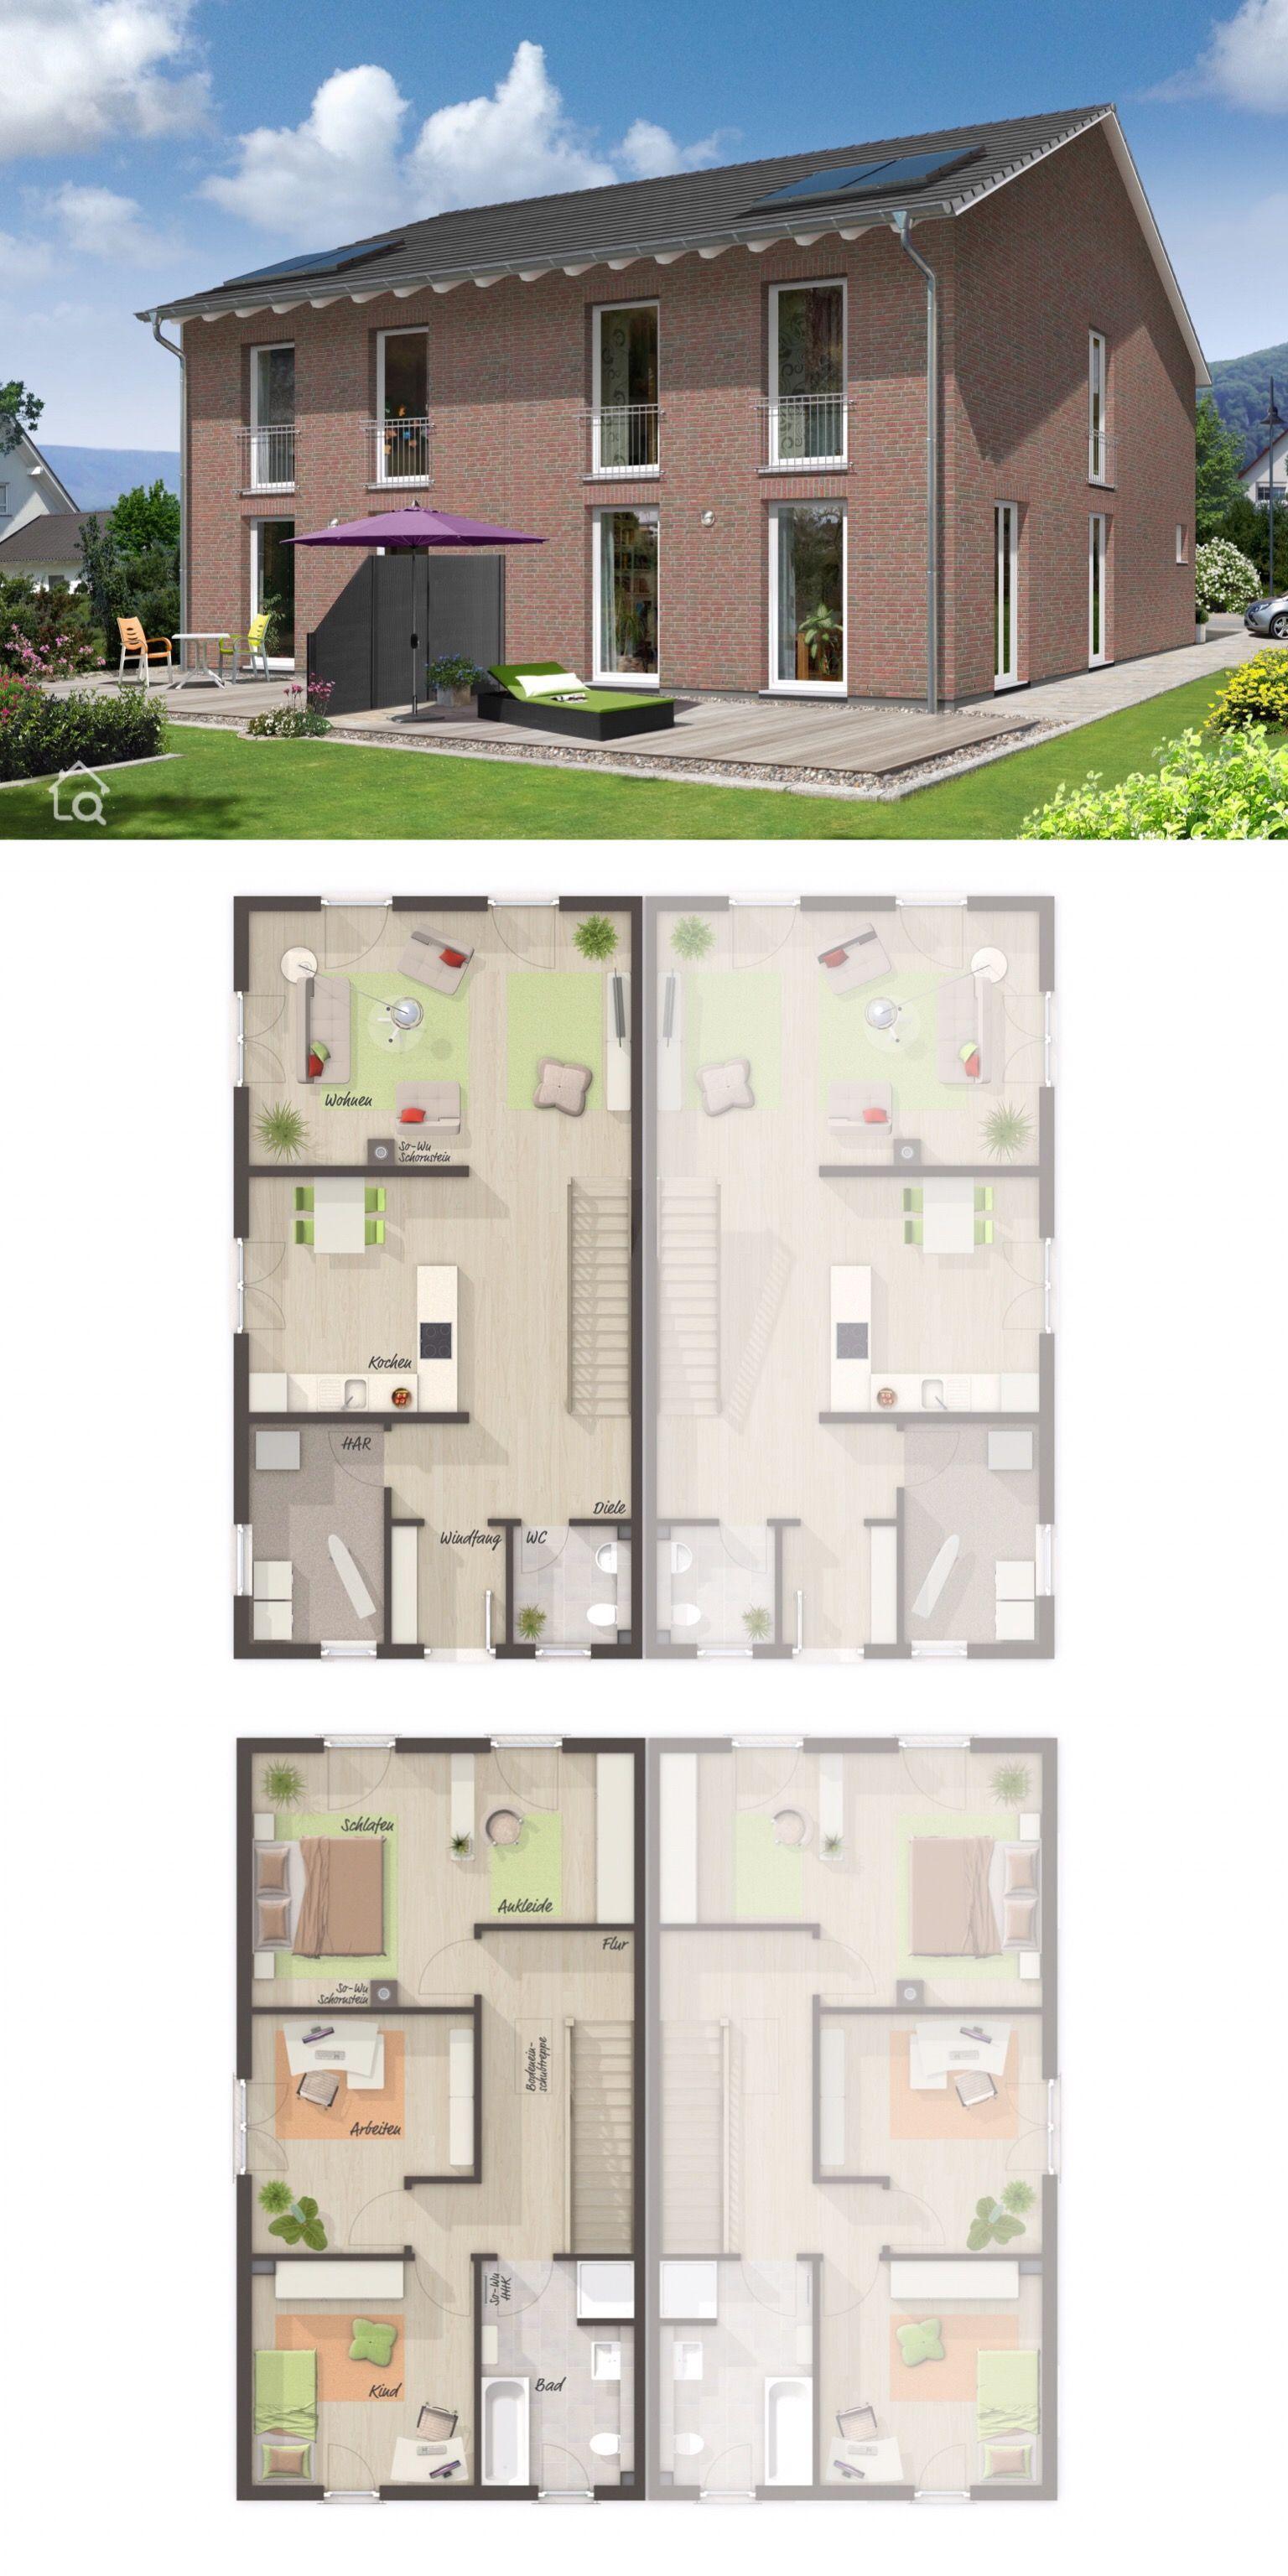 Moderne Doppelhaushälfte Grundriss schmal mit Satteldach